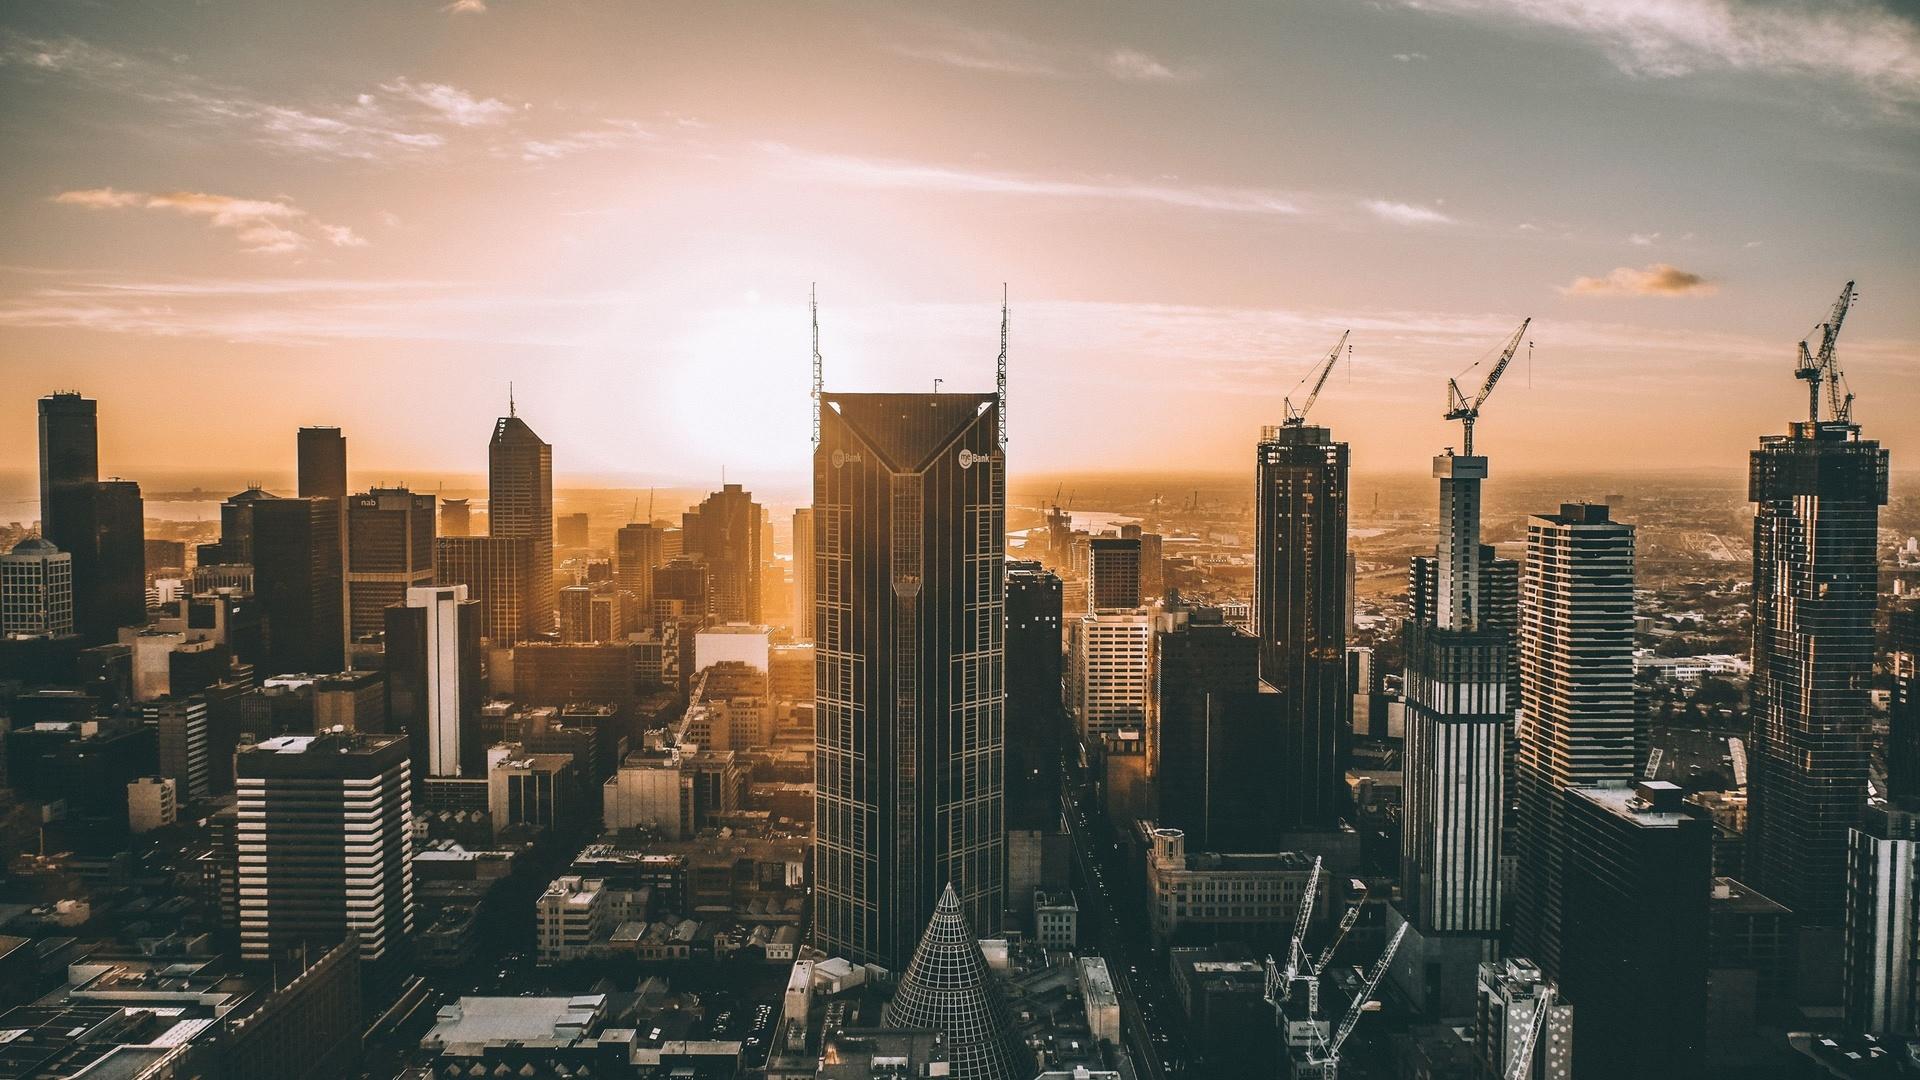 мельбурн, 4к, городской пейзаж, небоскребы, стройки, австралия